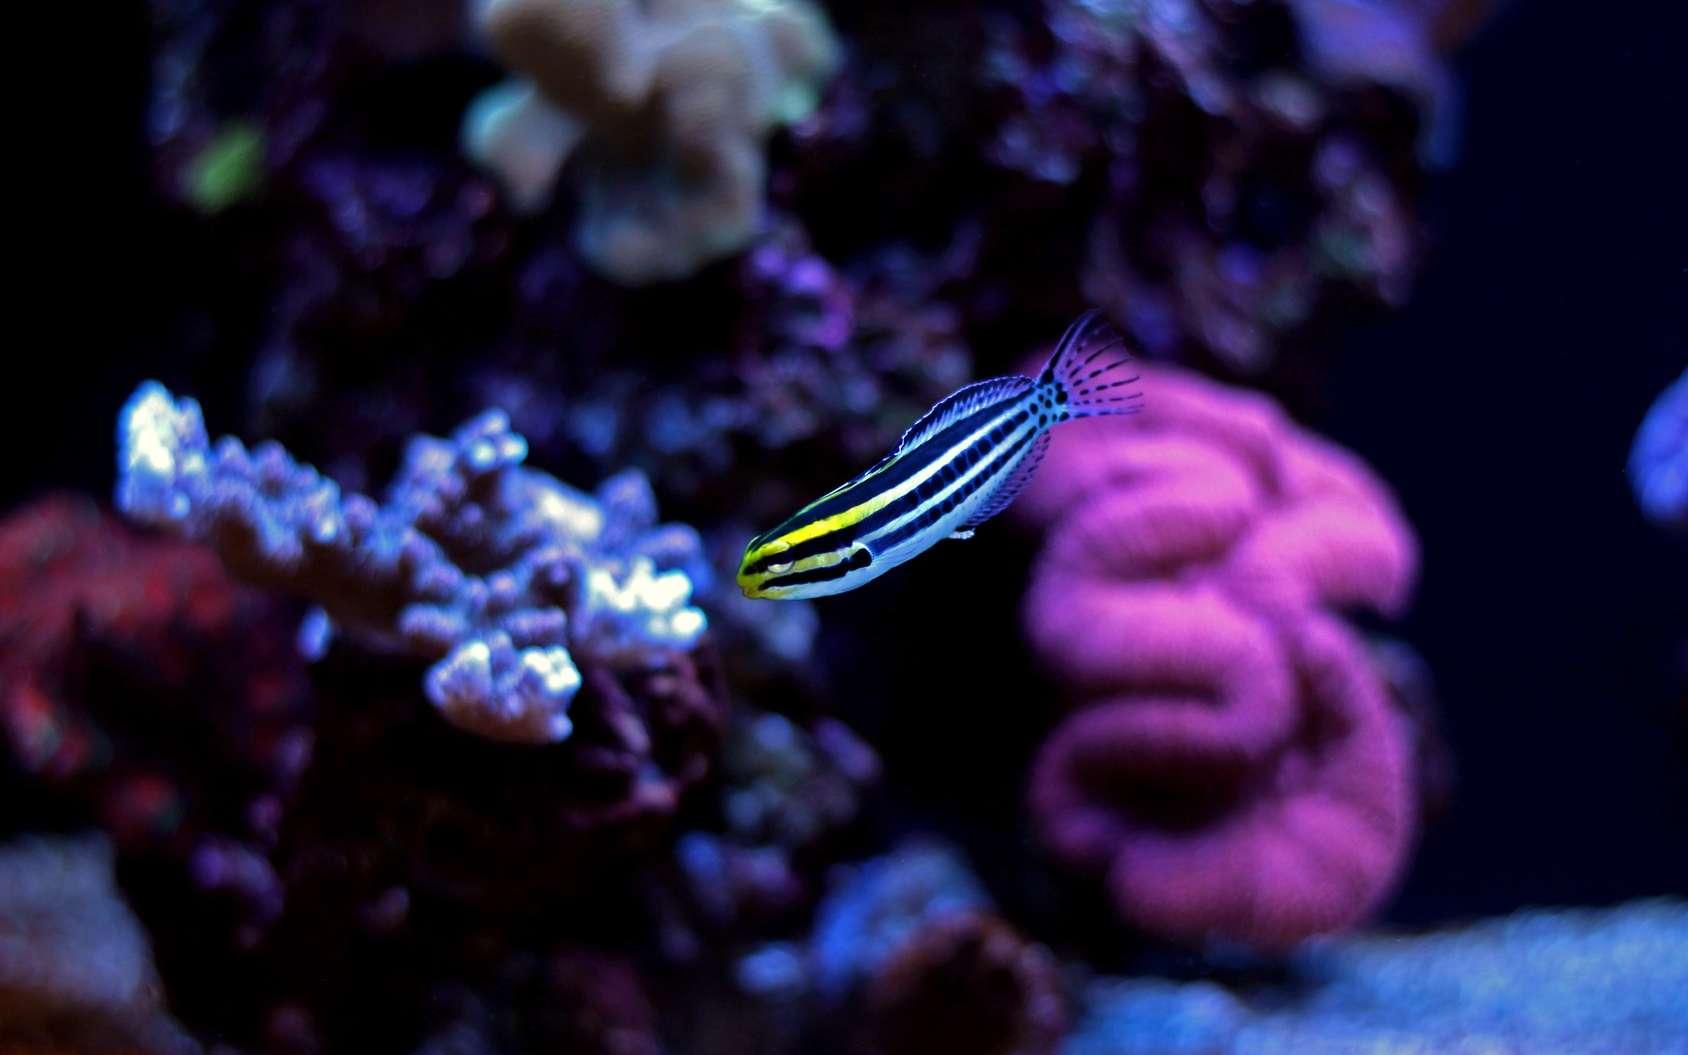 Meiacanthus grammistes est une blennie qui vit dans les récifs coralliens du Pacifique. © Kolevski.V, Fotolia